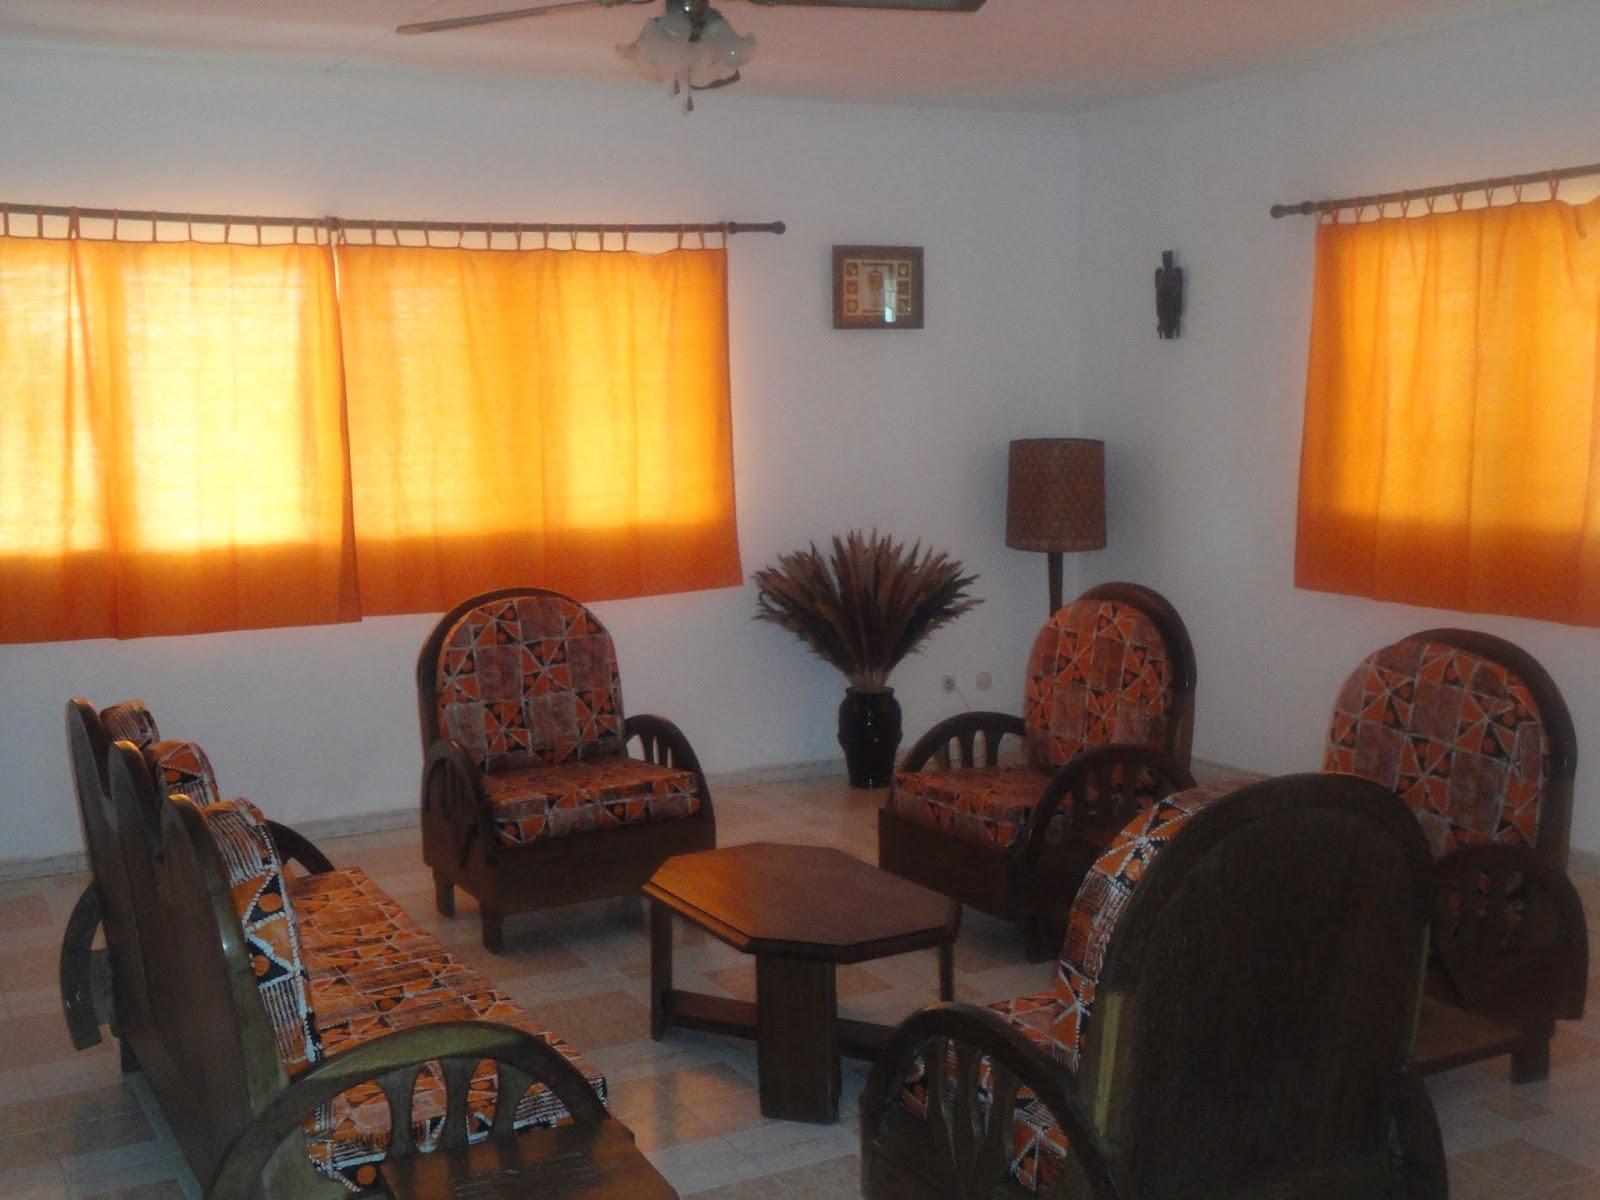 Kpakpato immobilier la location meubl e - Avantages fiscaux location meublee ...